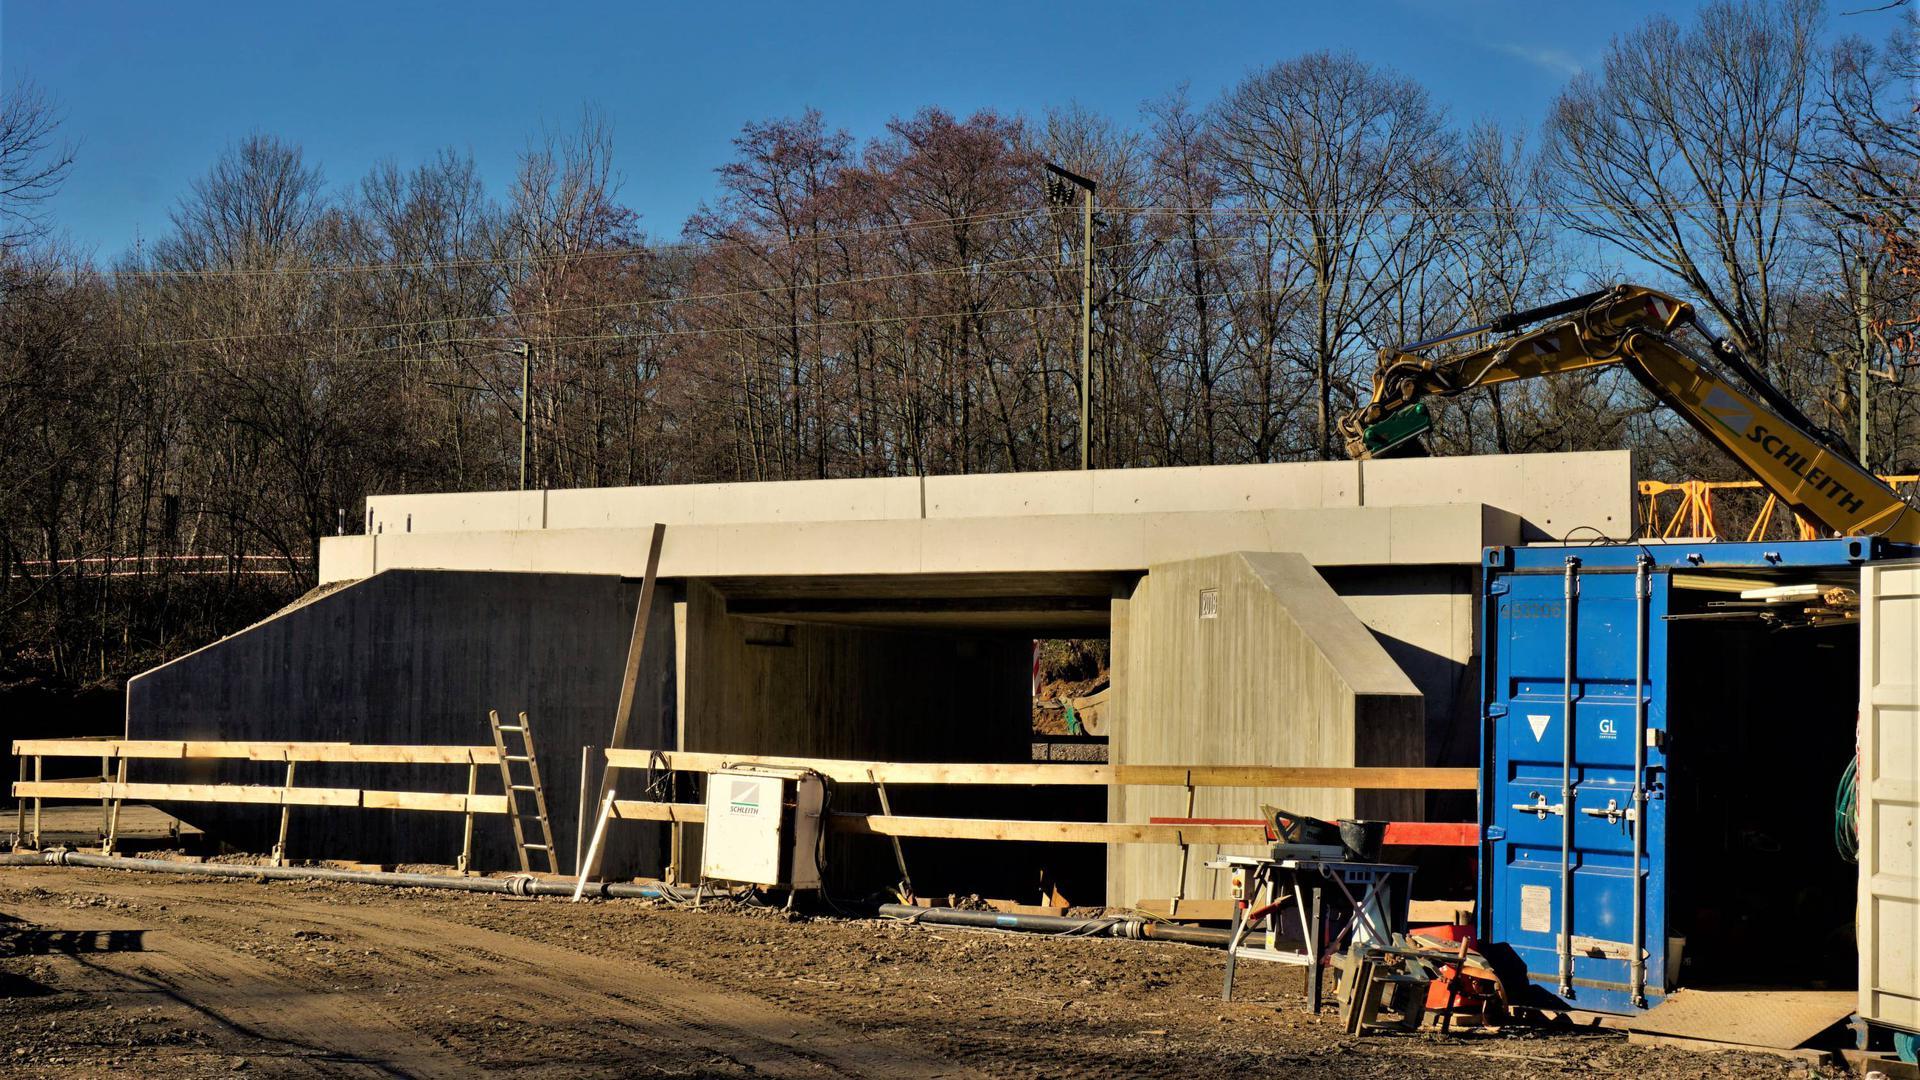 Bereit für den Einschub: Das Rahmenbauwerk für die neue Radwegunterführung an der Eisenbahnbrücke am nördlichen Rastatter Stadteingang wird in der kommenden Woche im Bahndamm installiert.